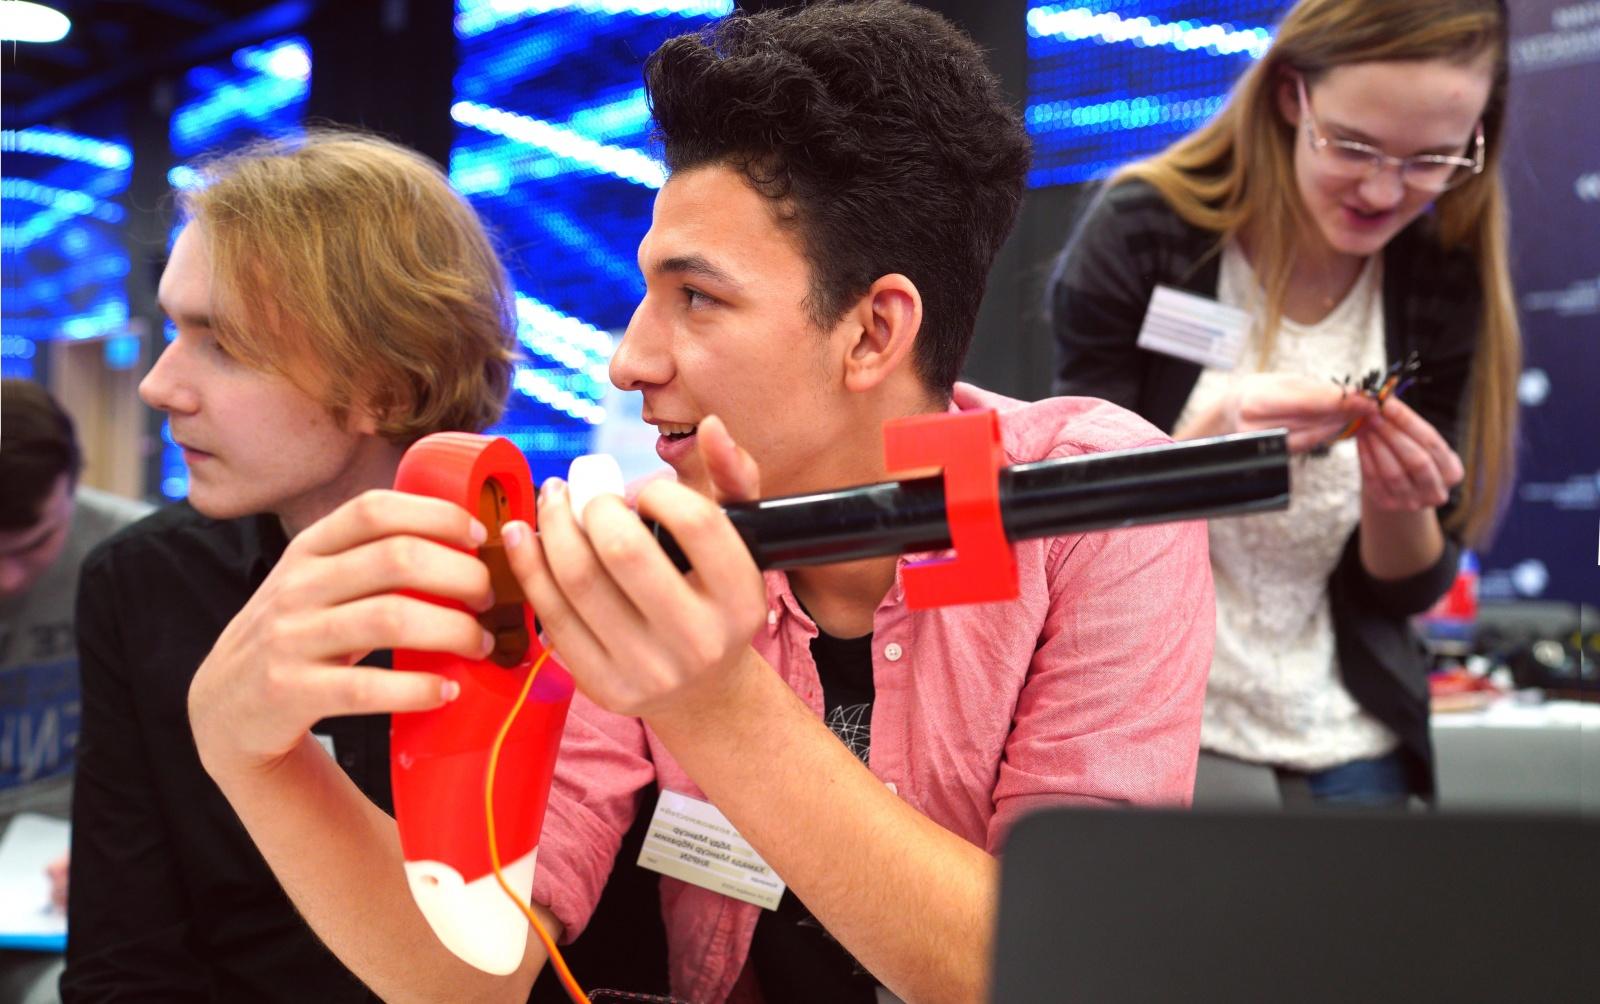 Участники образовательного интенсива в Сколково научатся основам прототипирования - 1